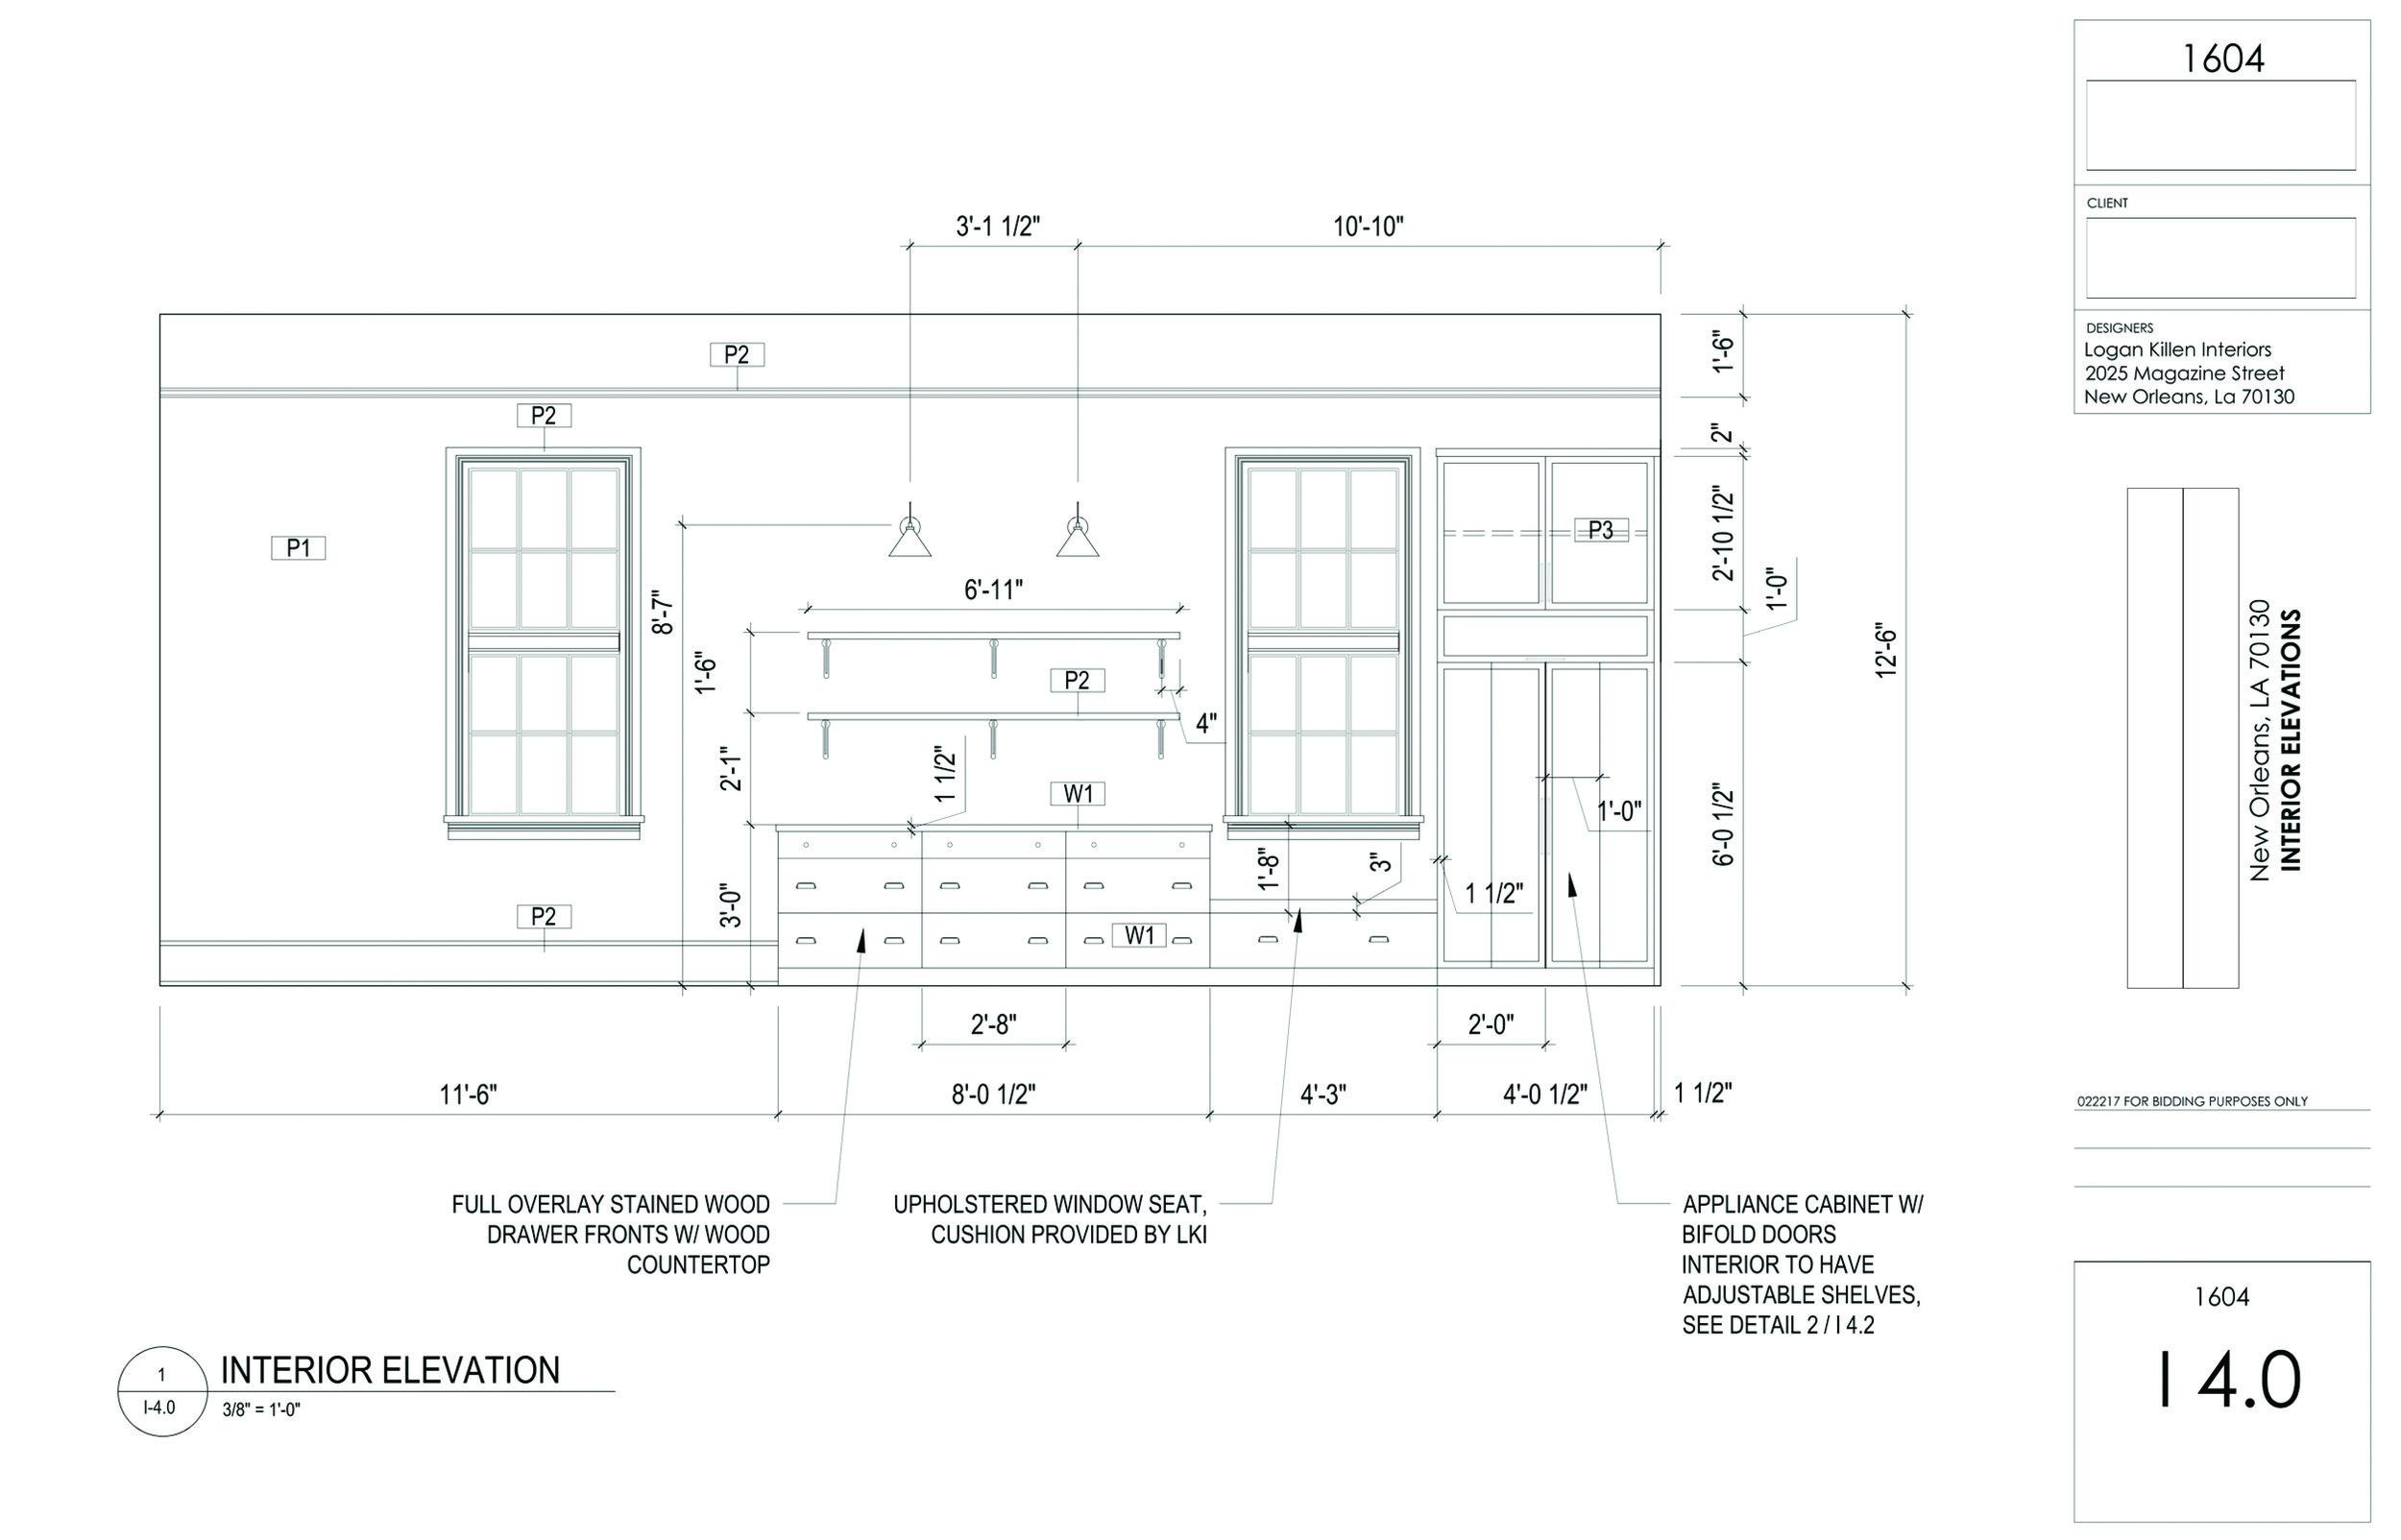 LKI DESIGN SERVICES DELIVERABLES EXAMPLES 12.jpg